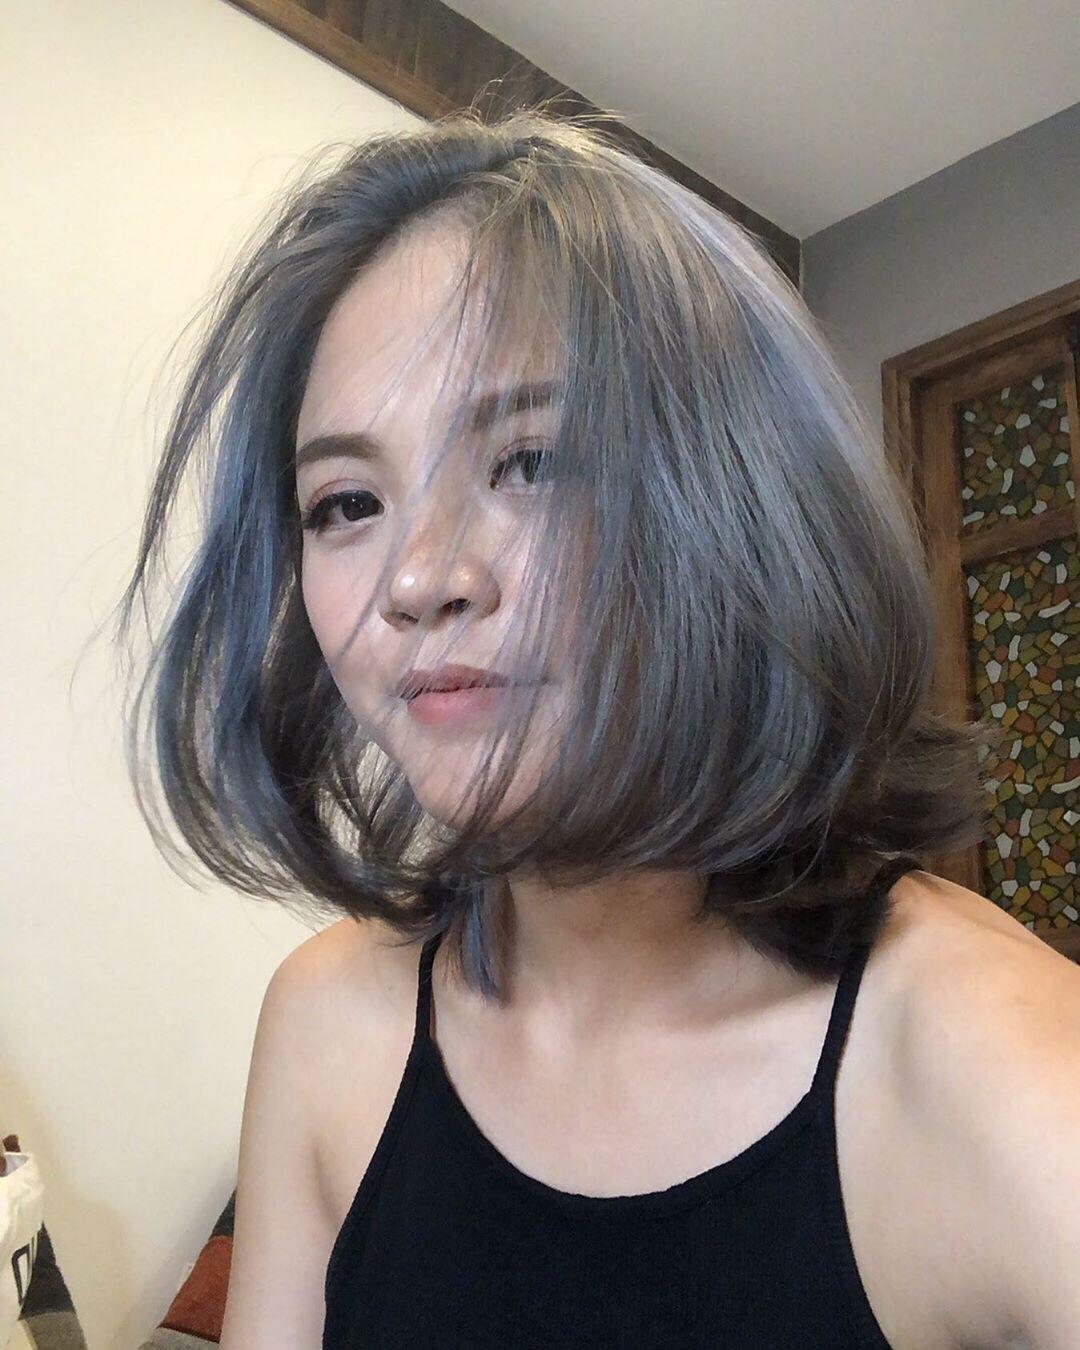 Thu Quỳnh bất ngờ tâm sự chuyện tình cảm sau khi bị nghi có bạn trai mới - Ảnh 1